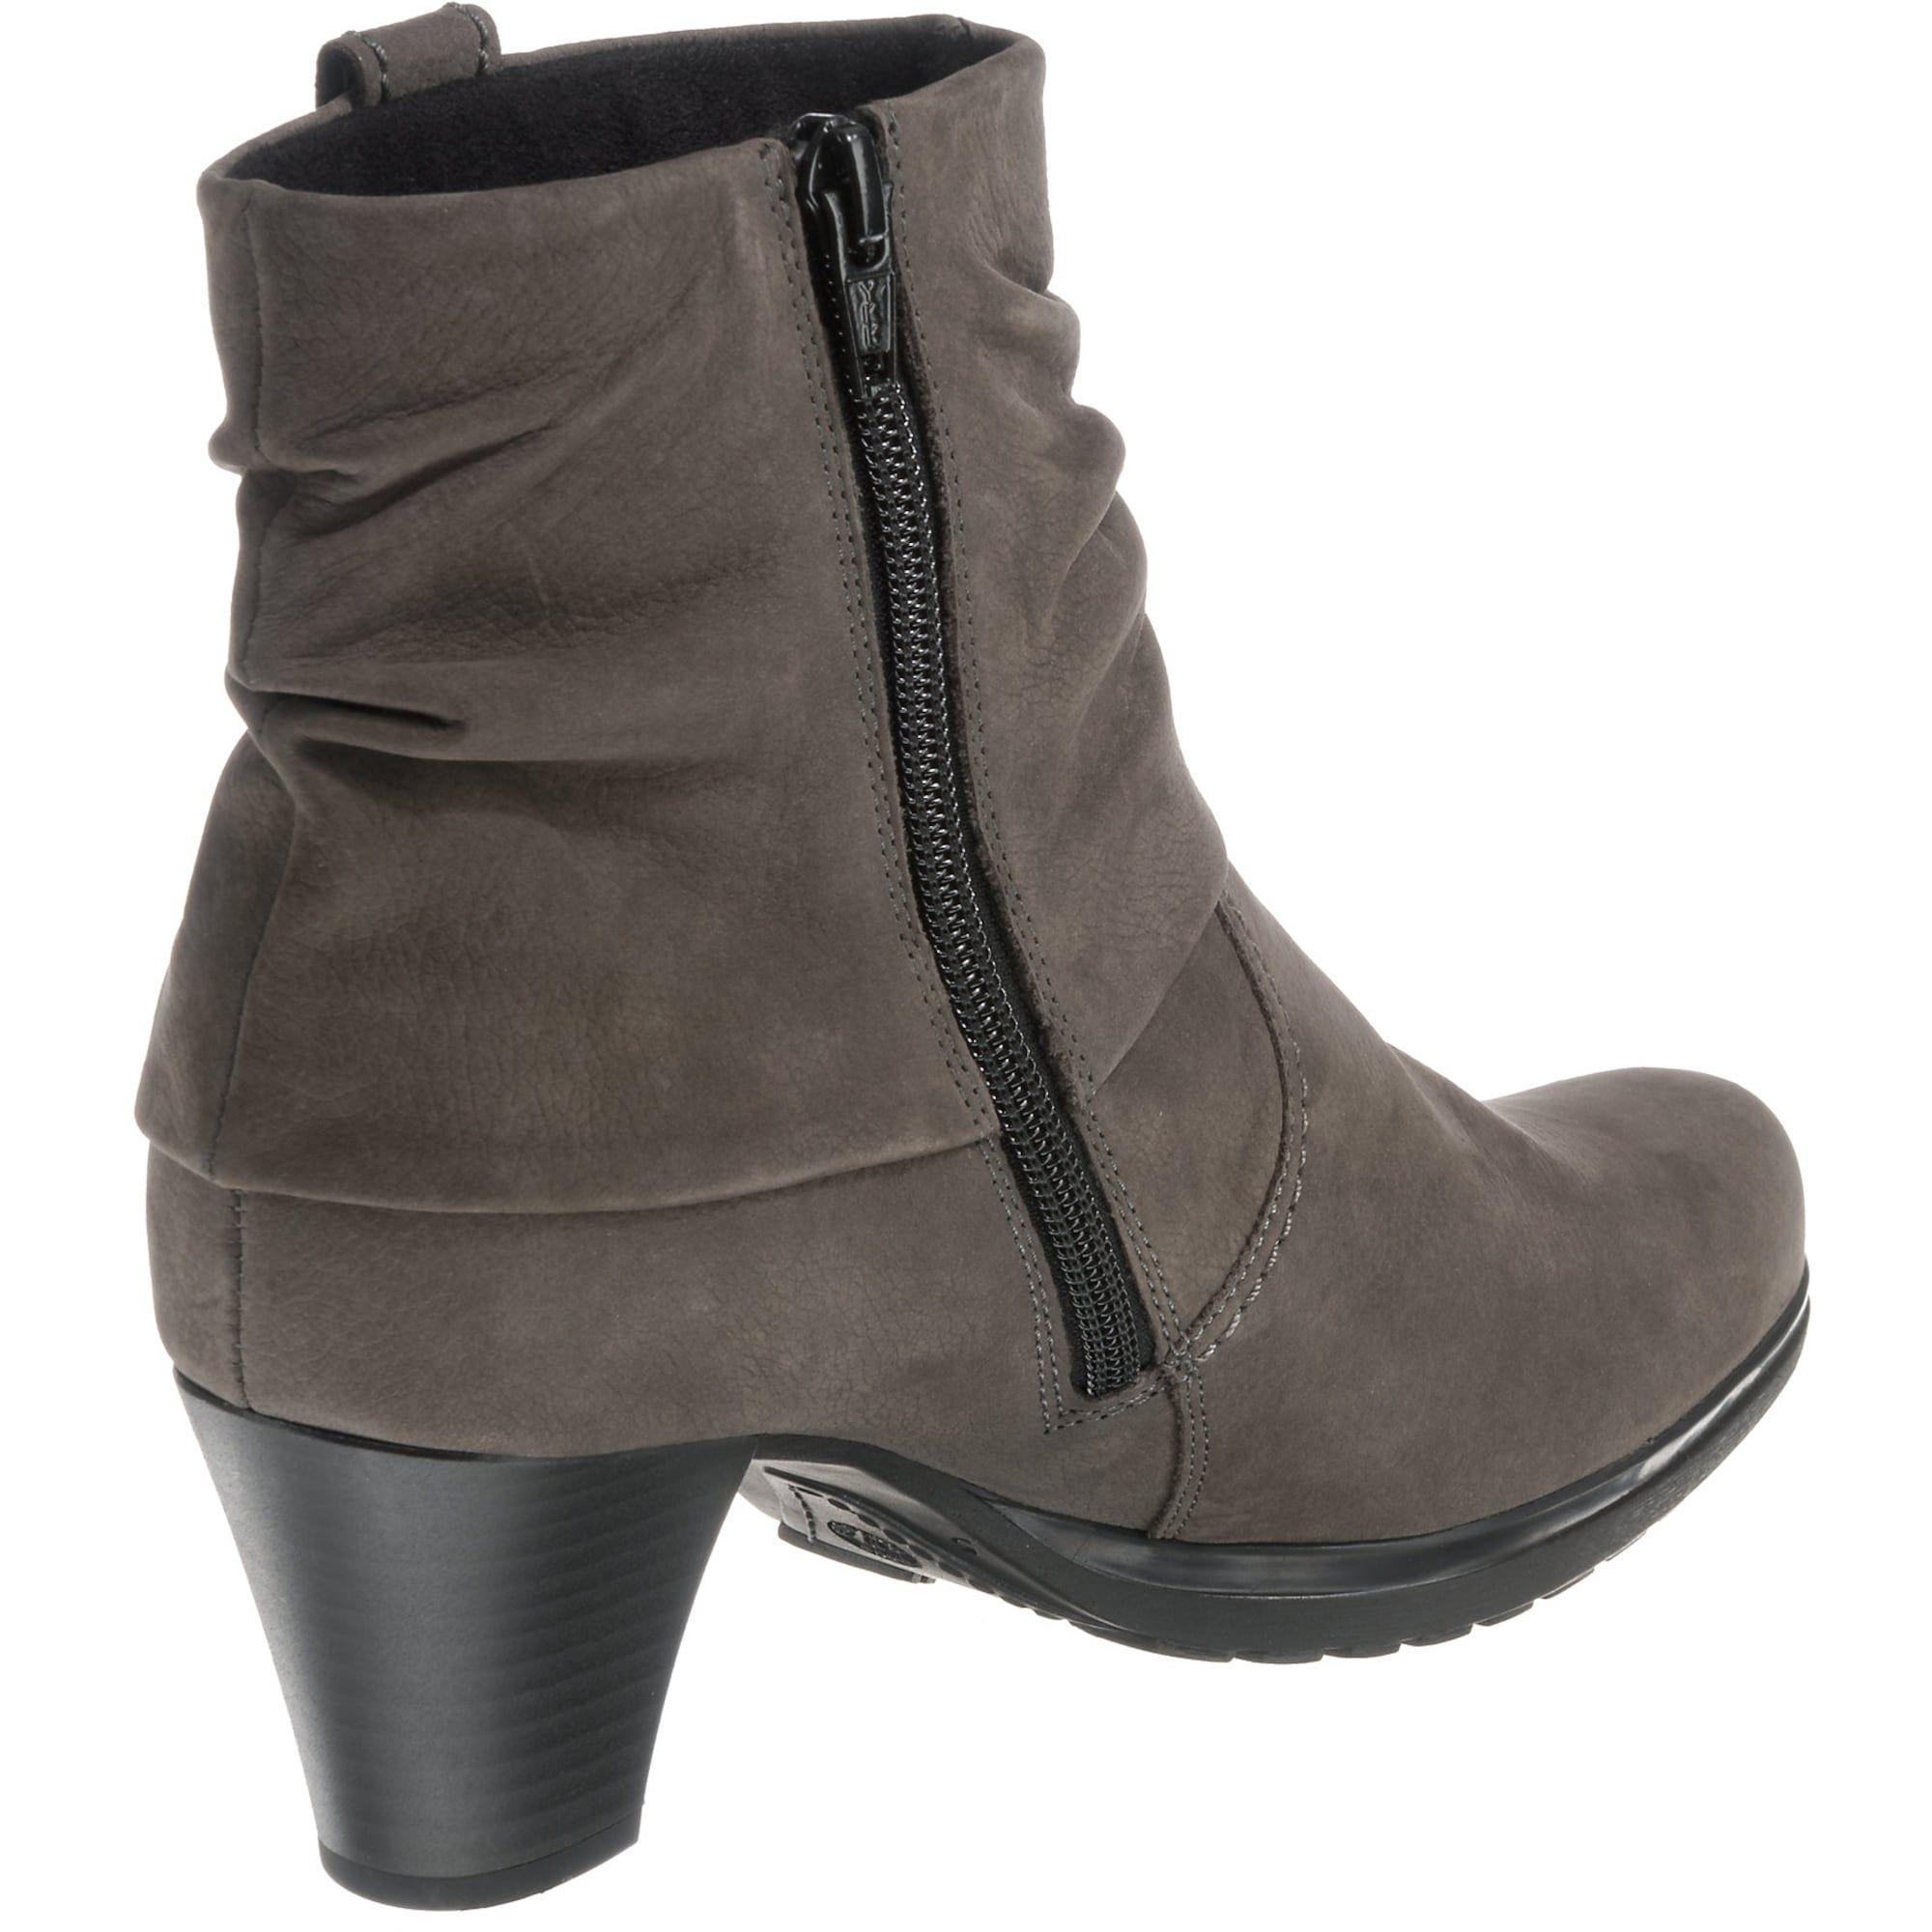 GABOR Stiefel Damen, Taupe, Größe 39 | Gabor stiefel